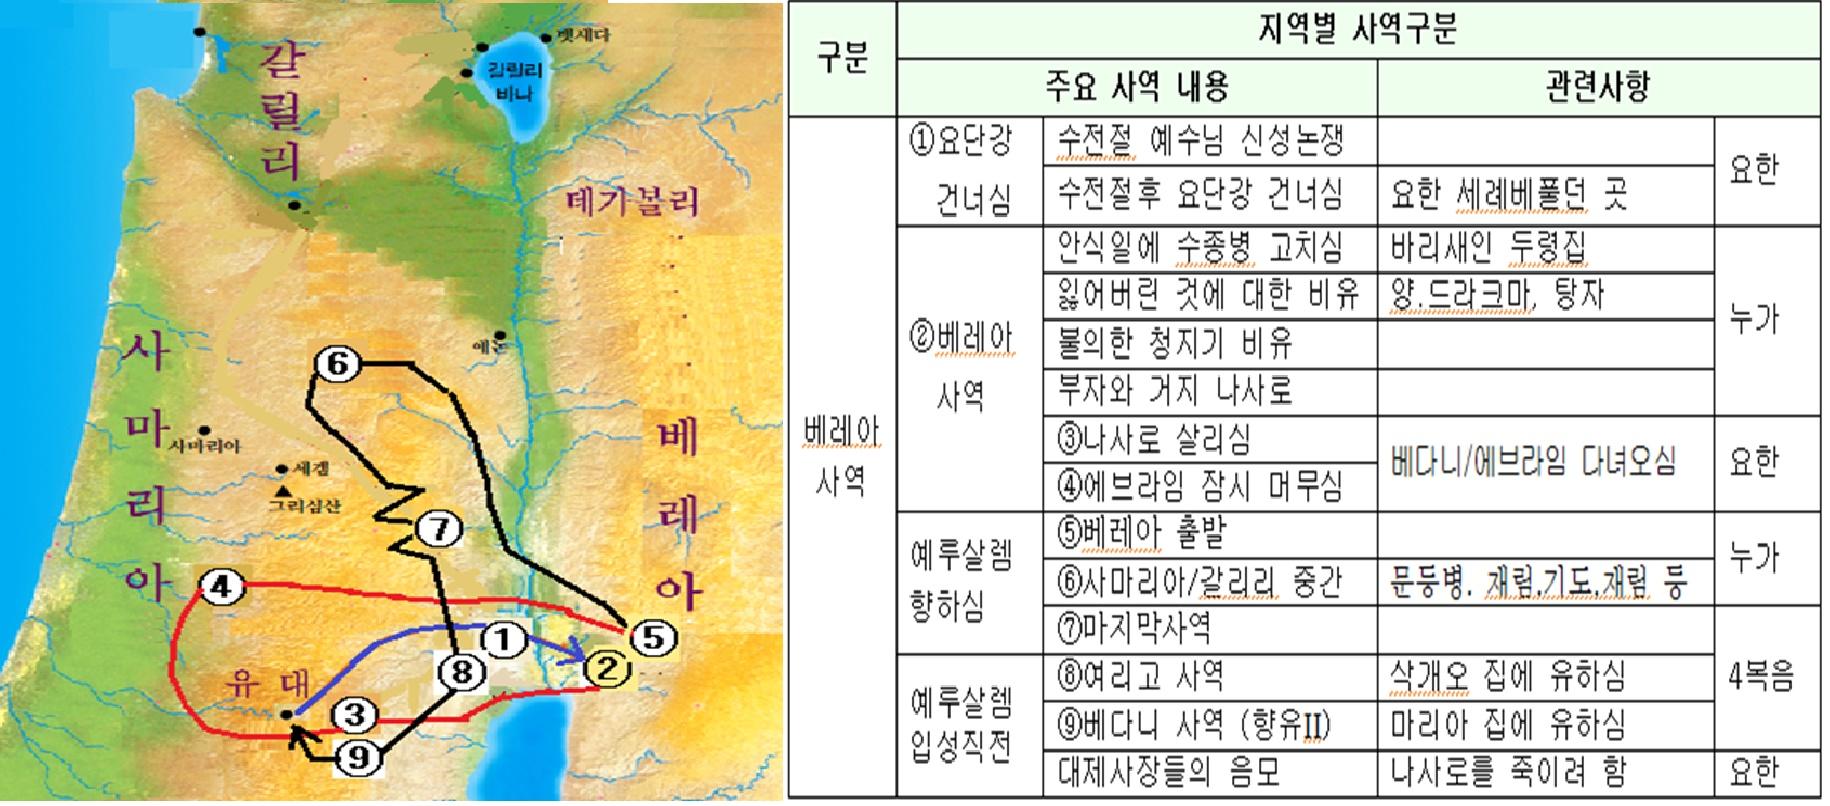 후기사역II 지도